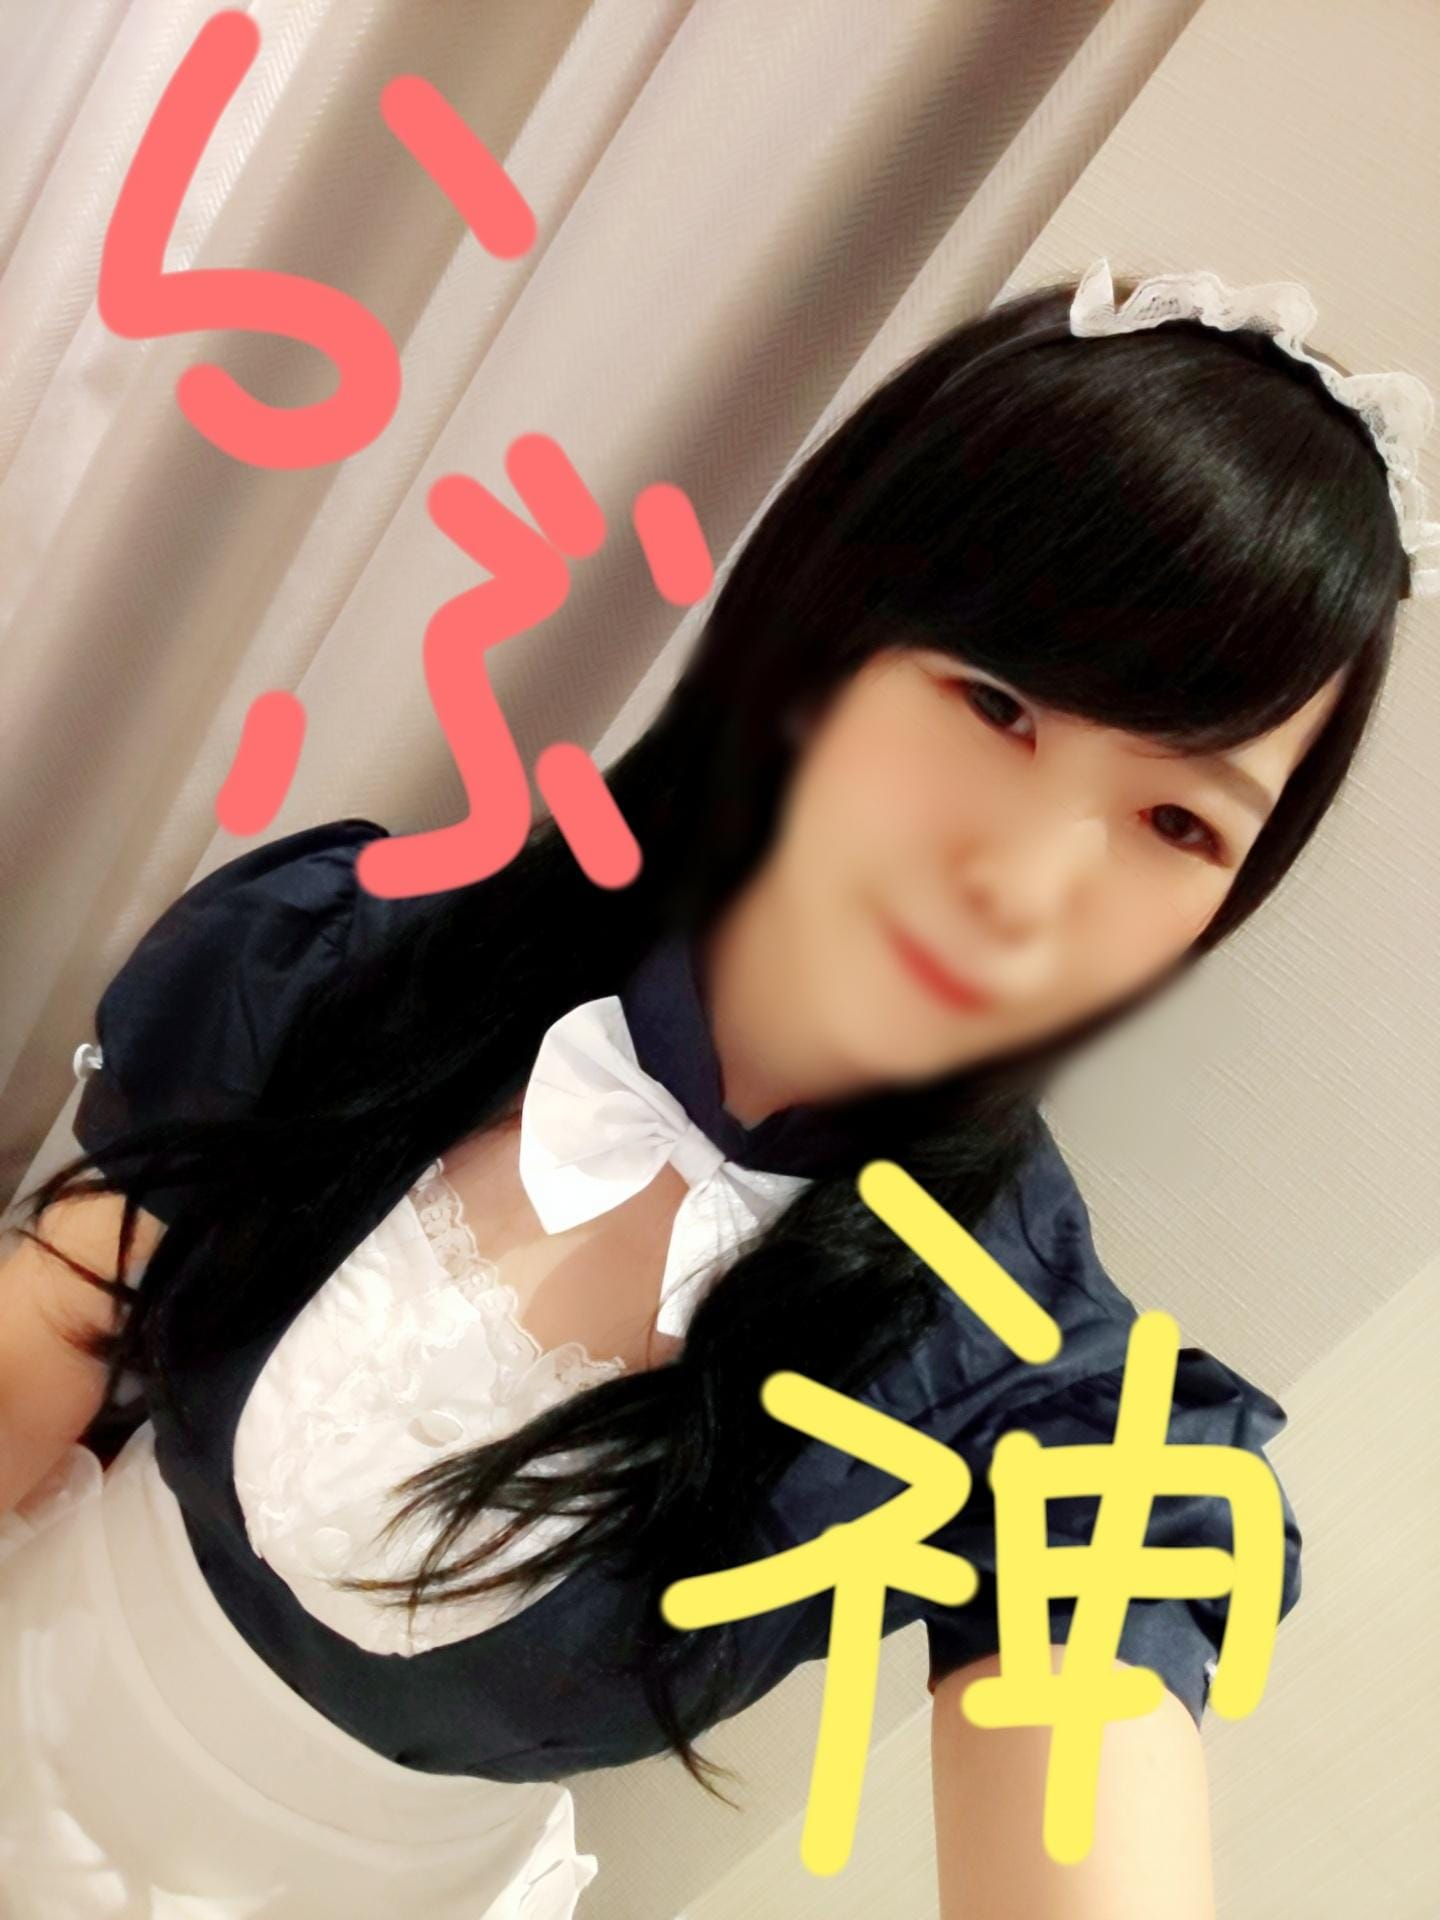 「風♡神☆Love   向かってるわよ٩(´✪ω✪`)۶」11/21(木) 20:14 | らぶの写メ・風俗動画